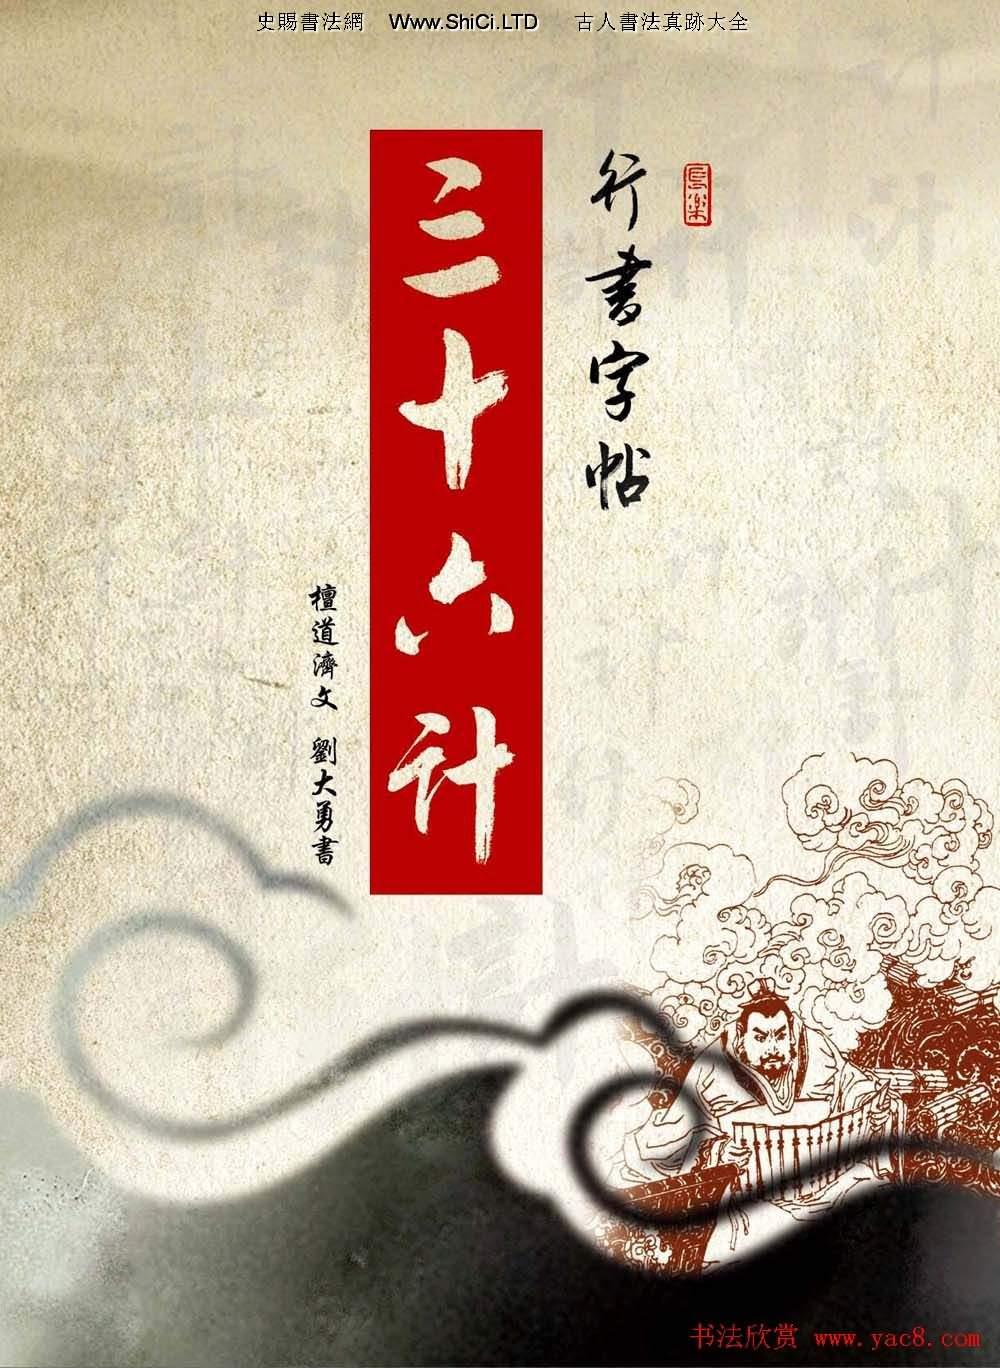 劉大勇行書字帖真跡欣賞《三十六計》(共25張圖片)